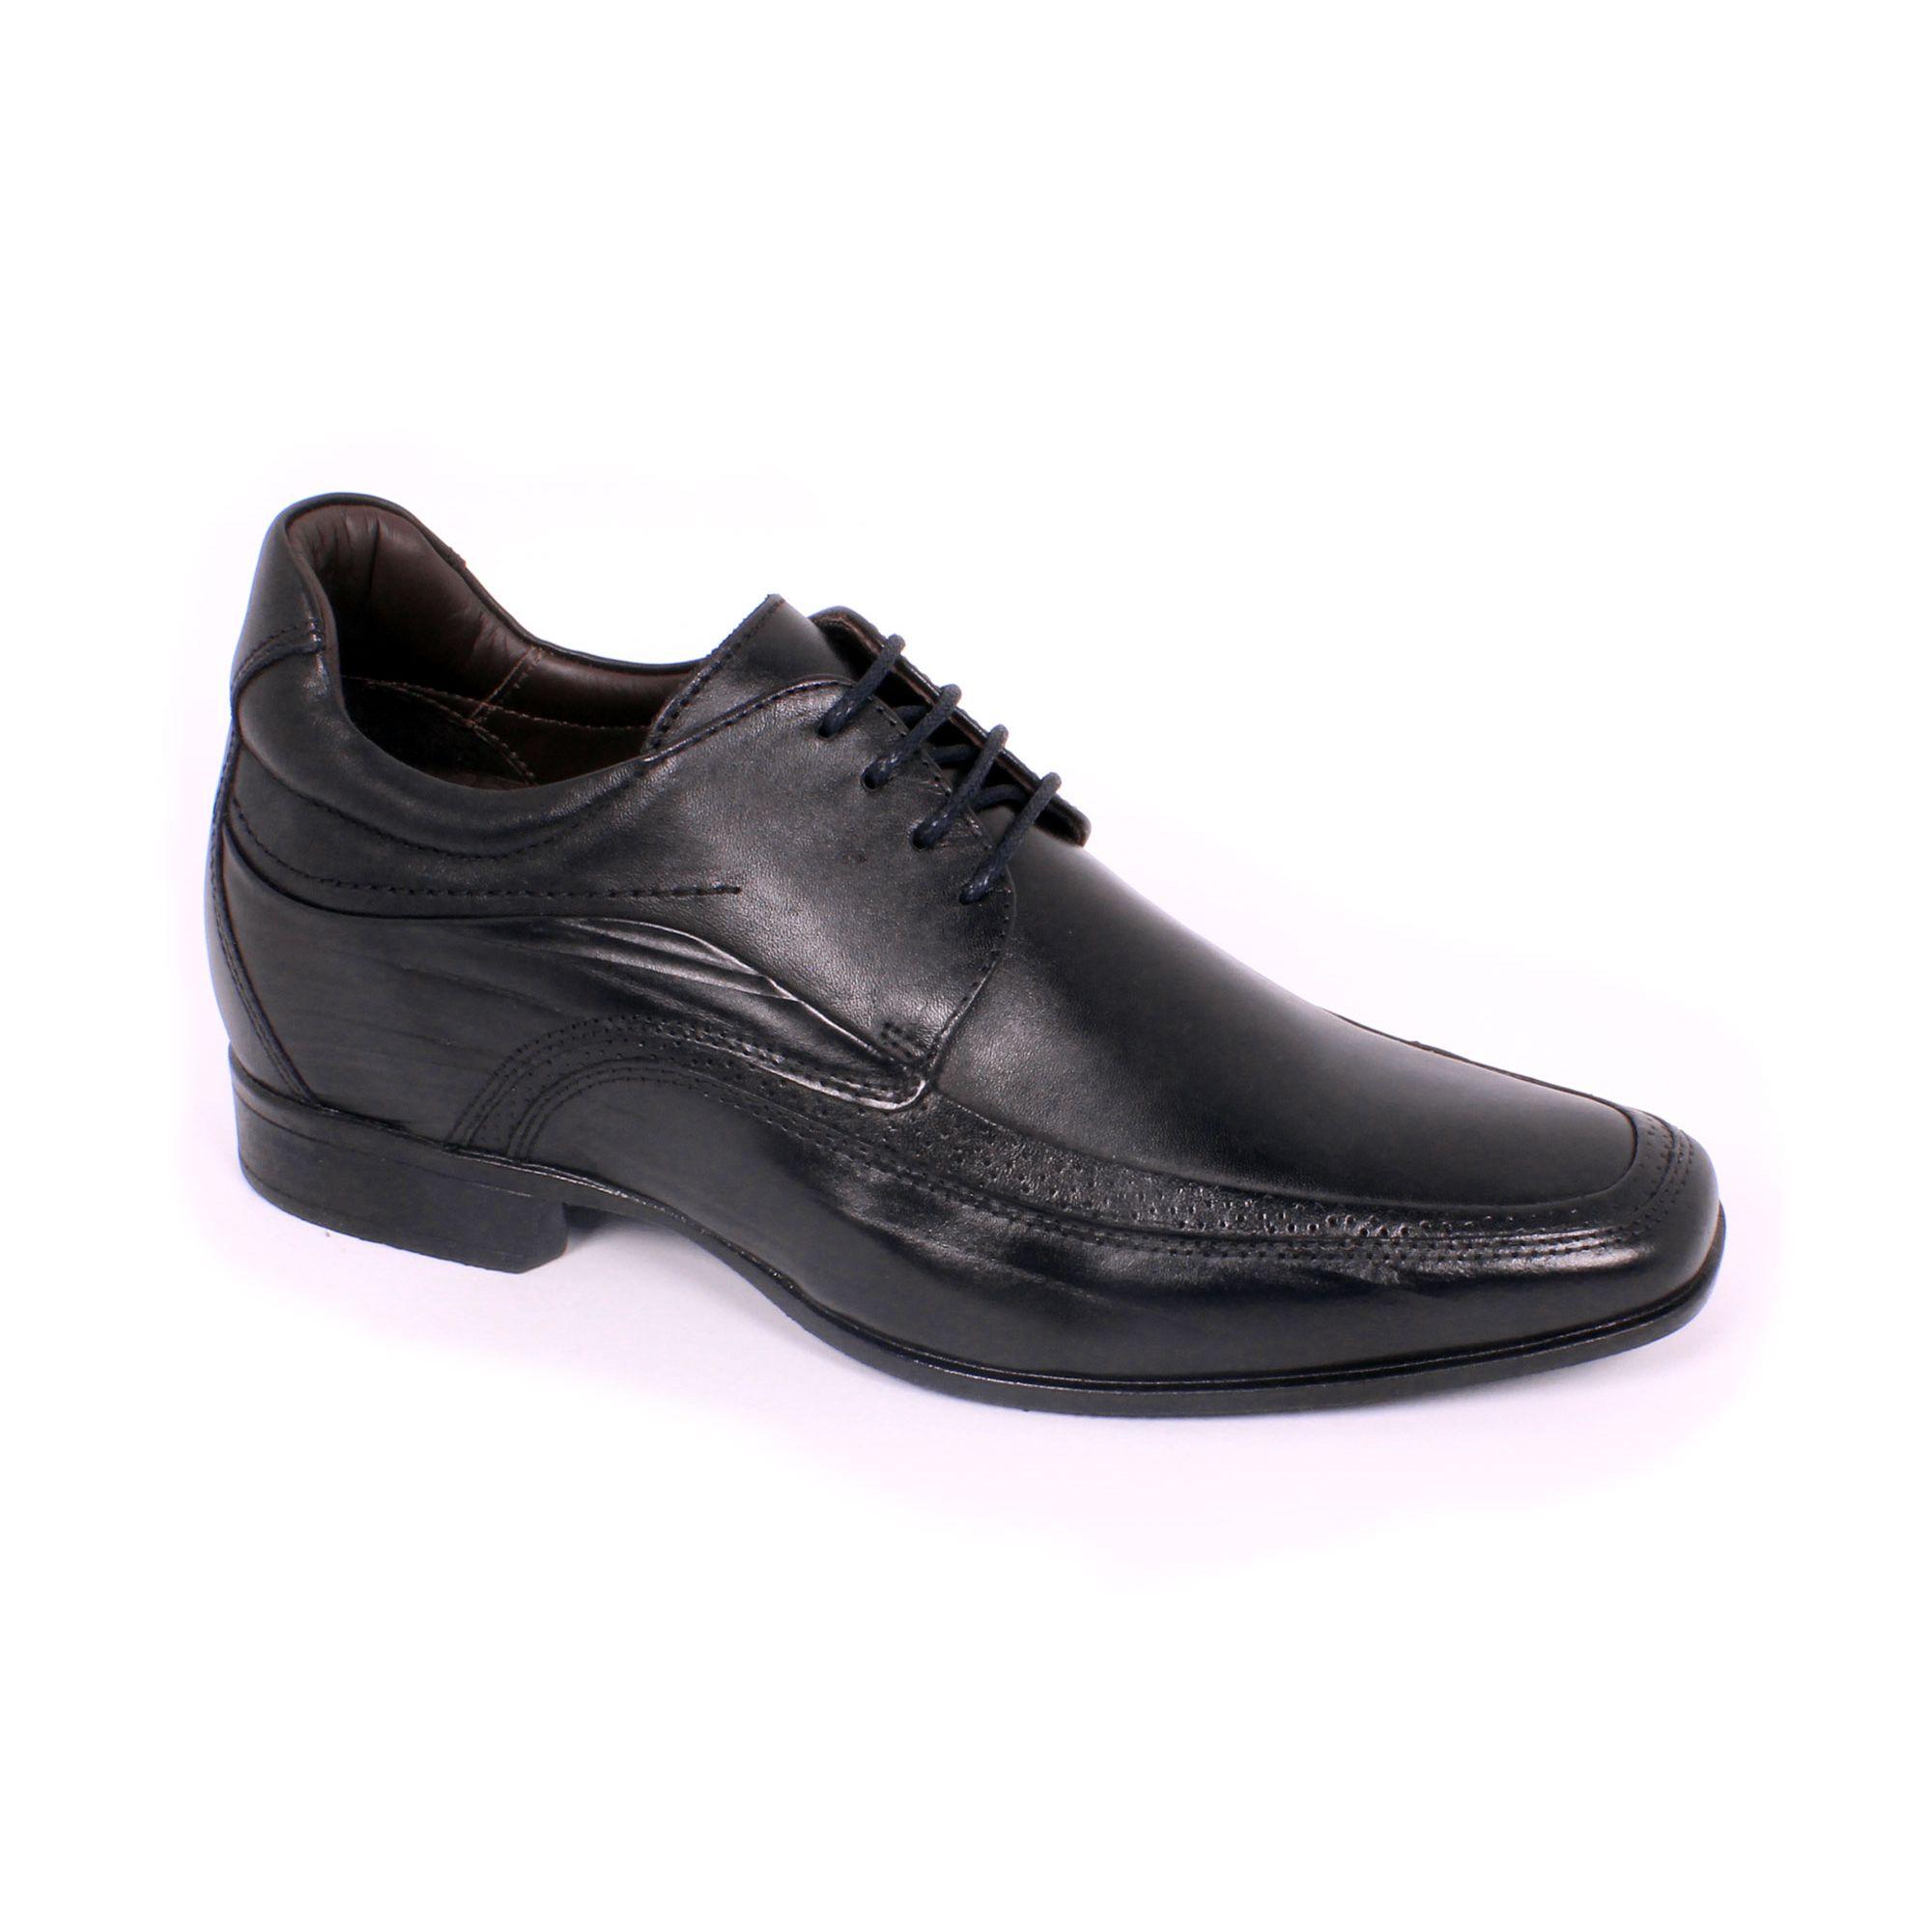 Zapato Formal Manager Negro Max Denegri +7cm de Altura_70826